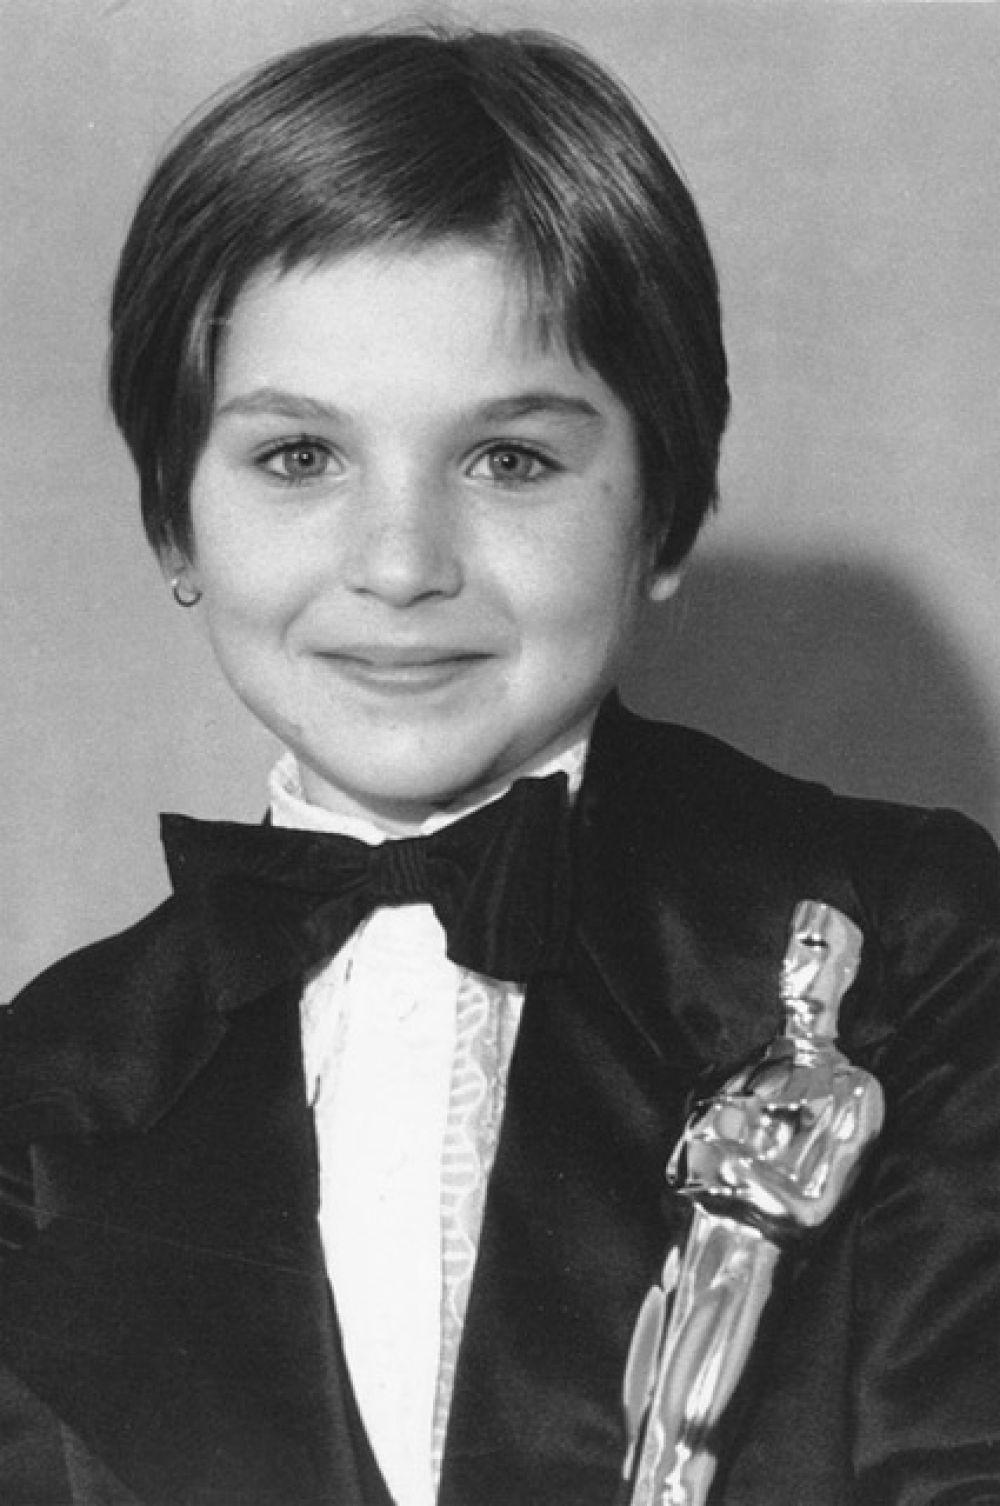 Самый молодой лауреат«Оскара»: актриса Татум О'Нил получила «Оскар» за лучшую женскую роль второго плана в фильме «Бумажная луна» (1973 г.) в возрасте 10 лет.